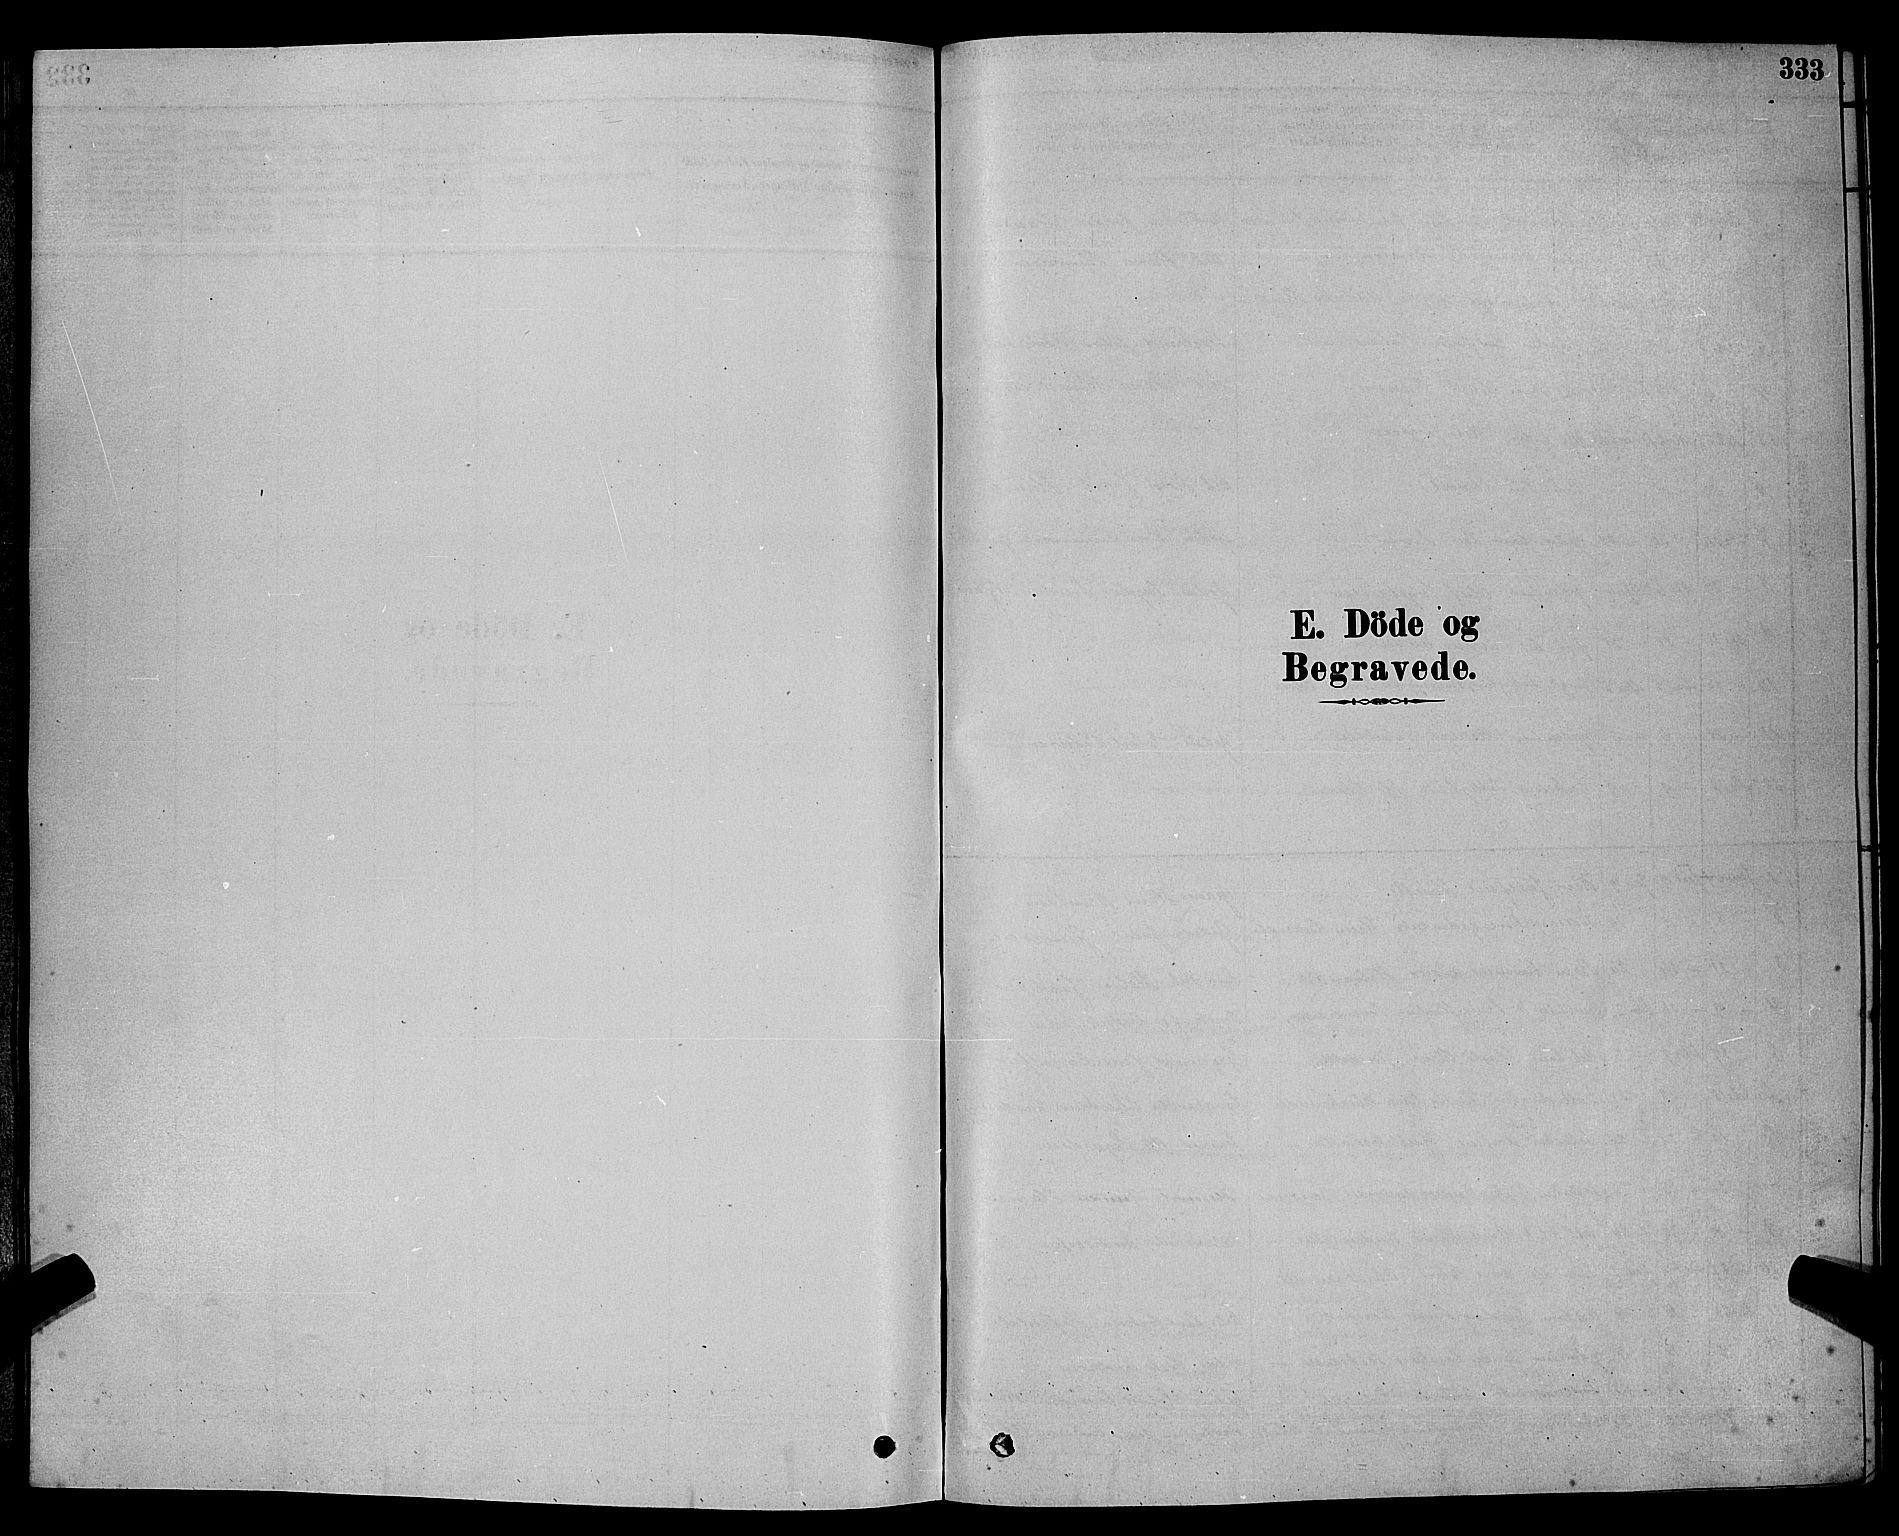 SAKO, Bamble kirkebøker, G/Ga/L0008: Klokkerbok nr. I 8, 1878-1888, s. 333